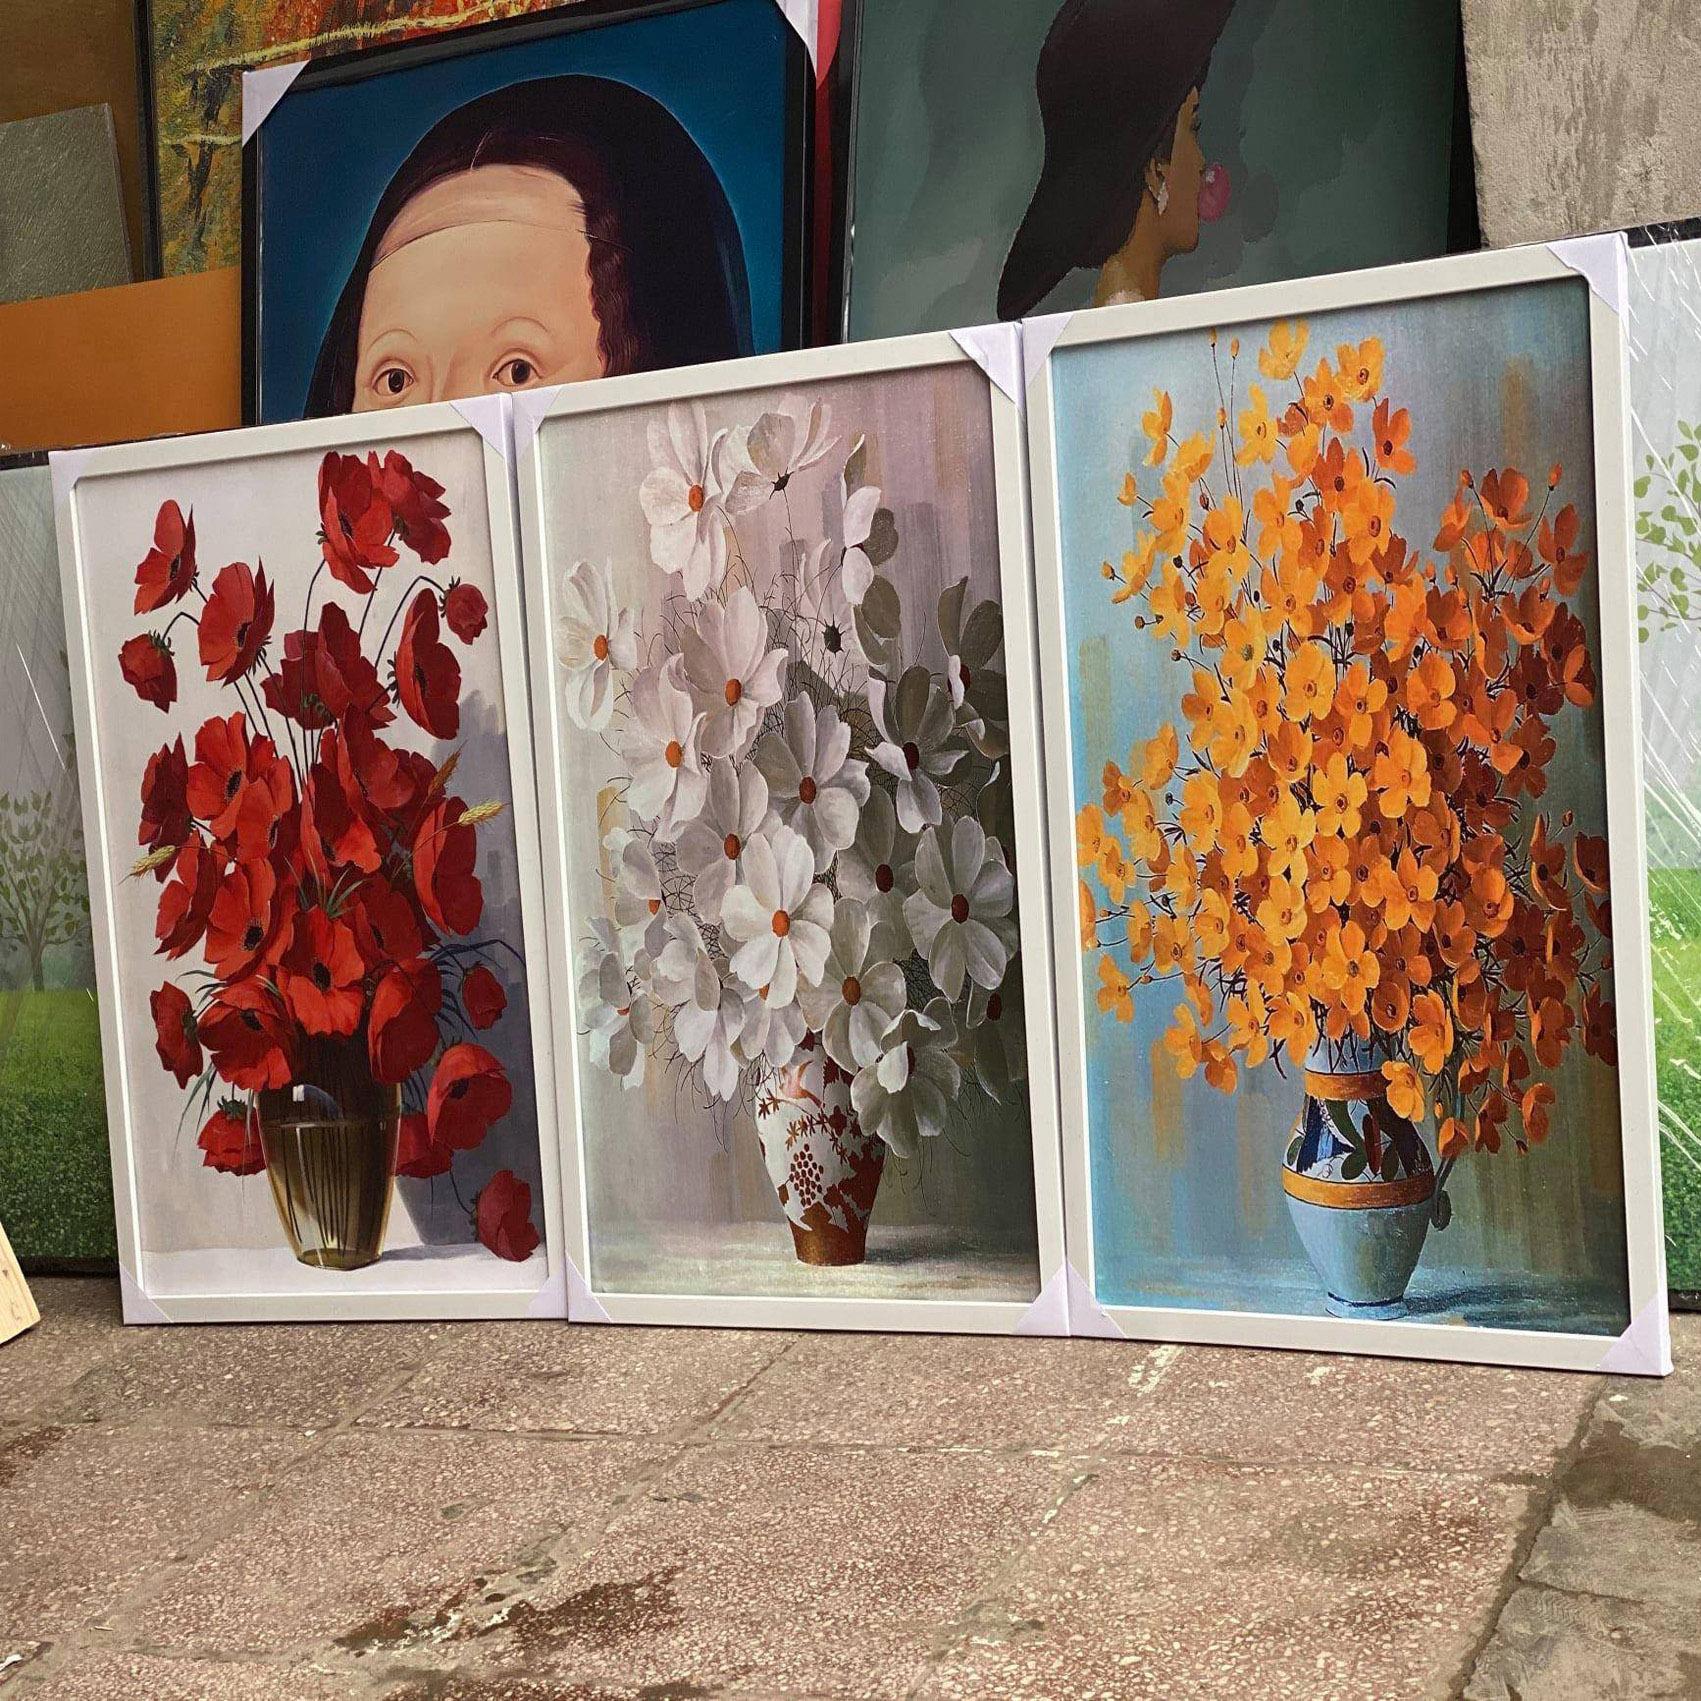 Tranh Canvas Treo Tường Hiện Đại _ Tranh Bộ 5 Chim Công Nghệ Thuật Đẹp _ CD02